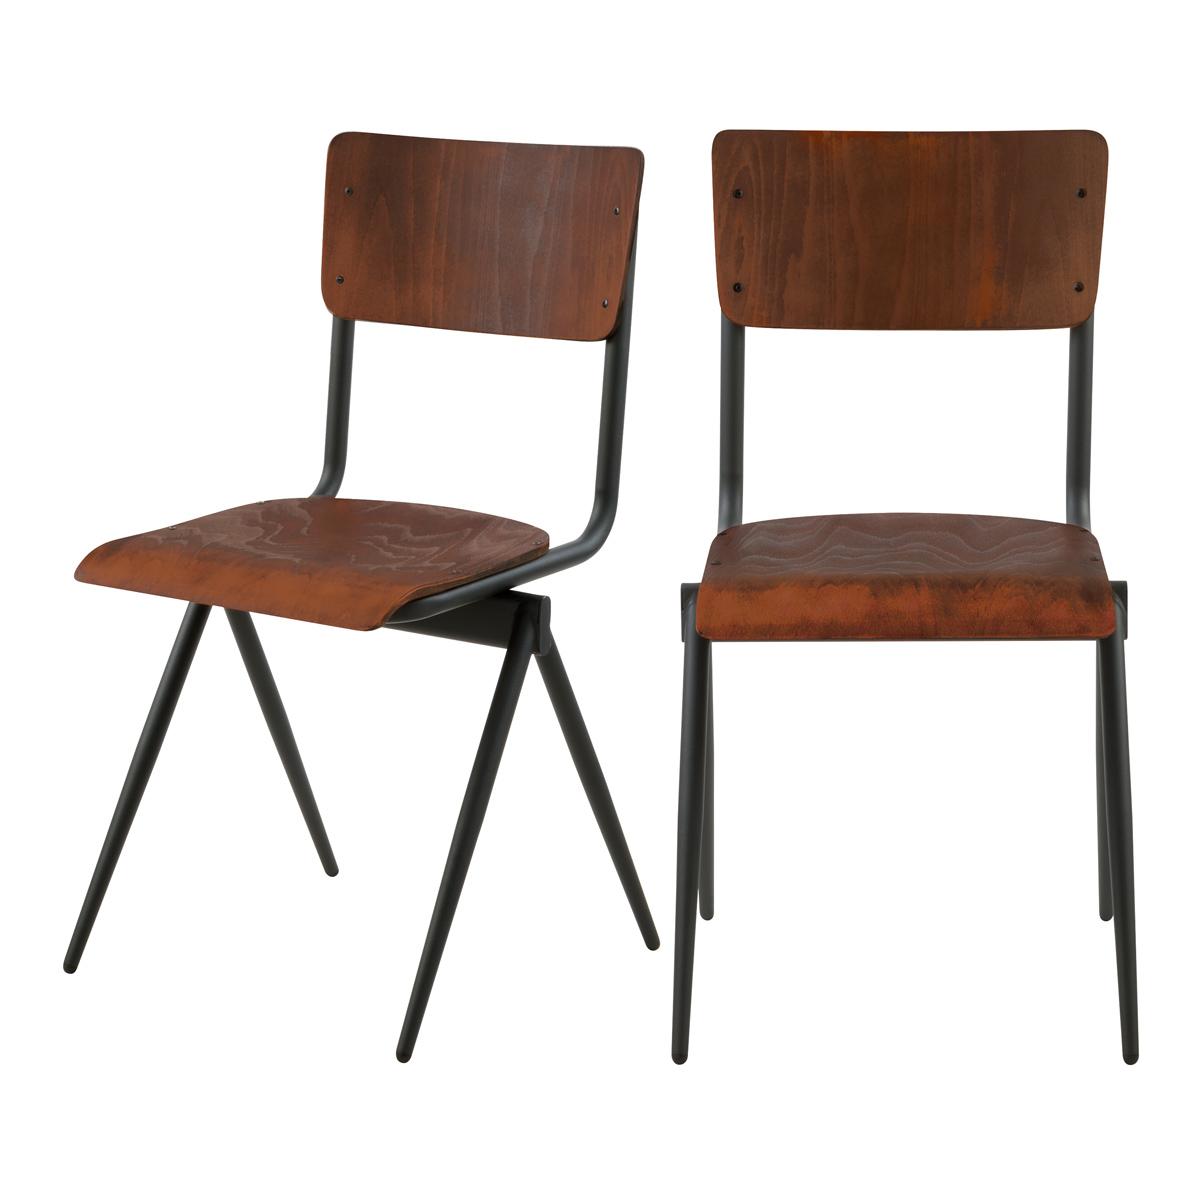 Chaise en bois vieilli et métal noir (lot de 2)